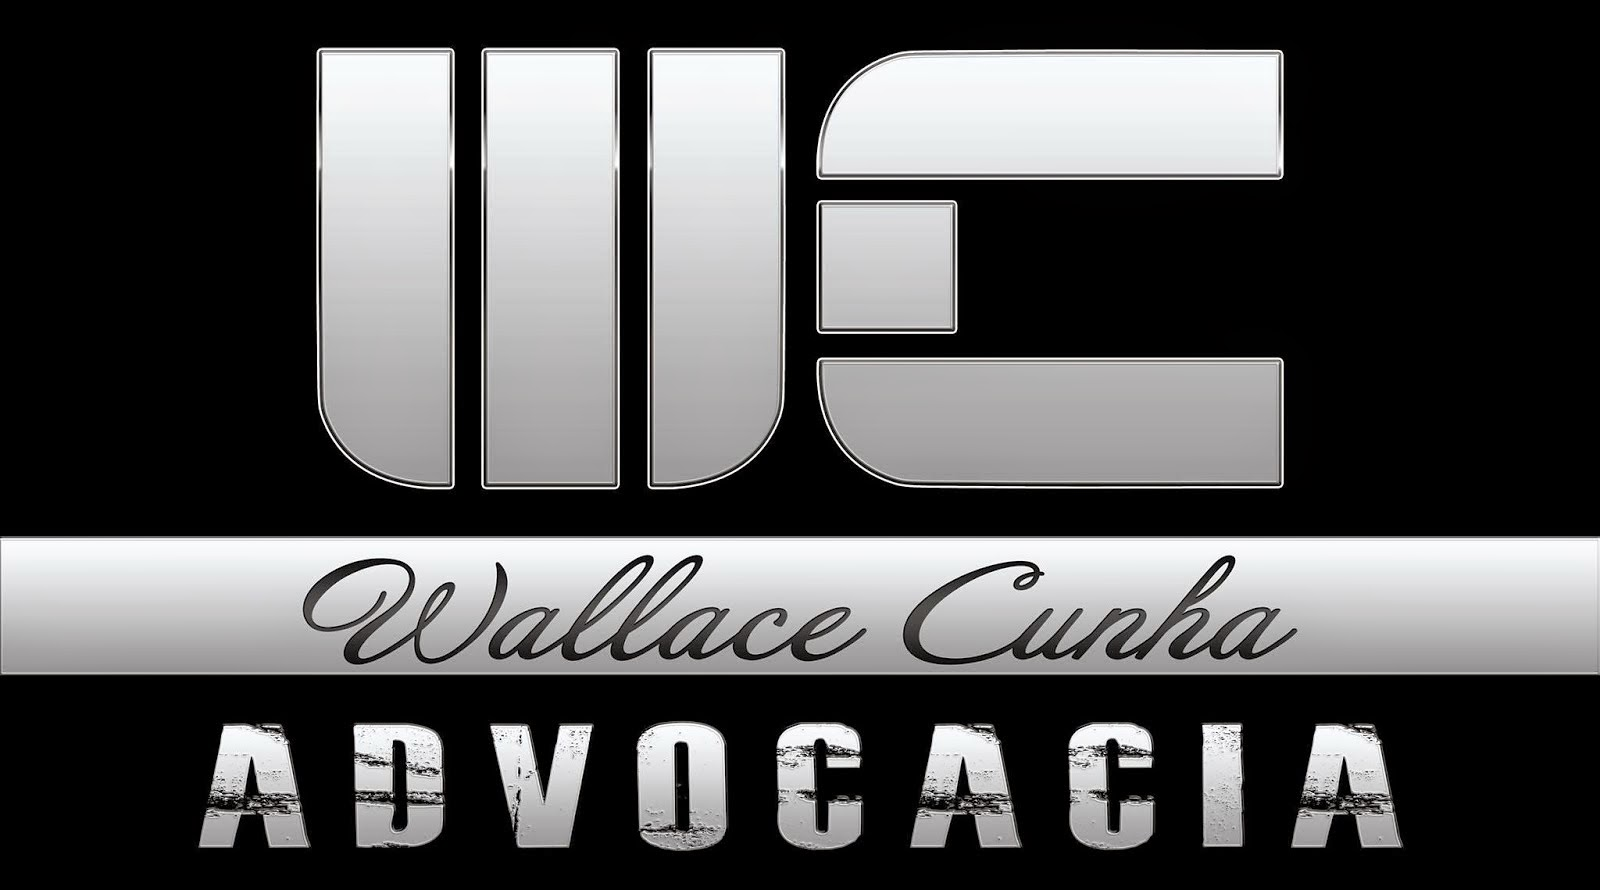 DR. WALLACE CUNHA ADVOCACIA